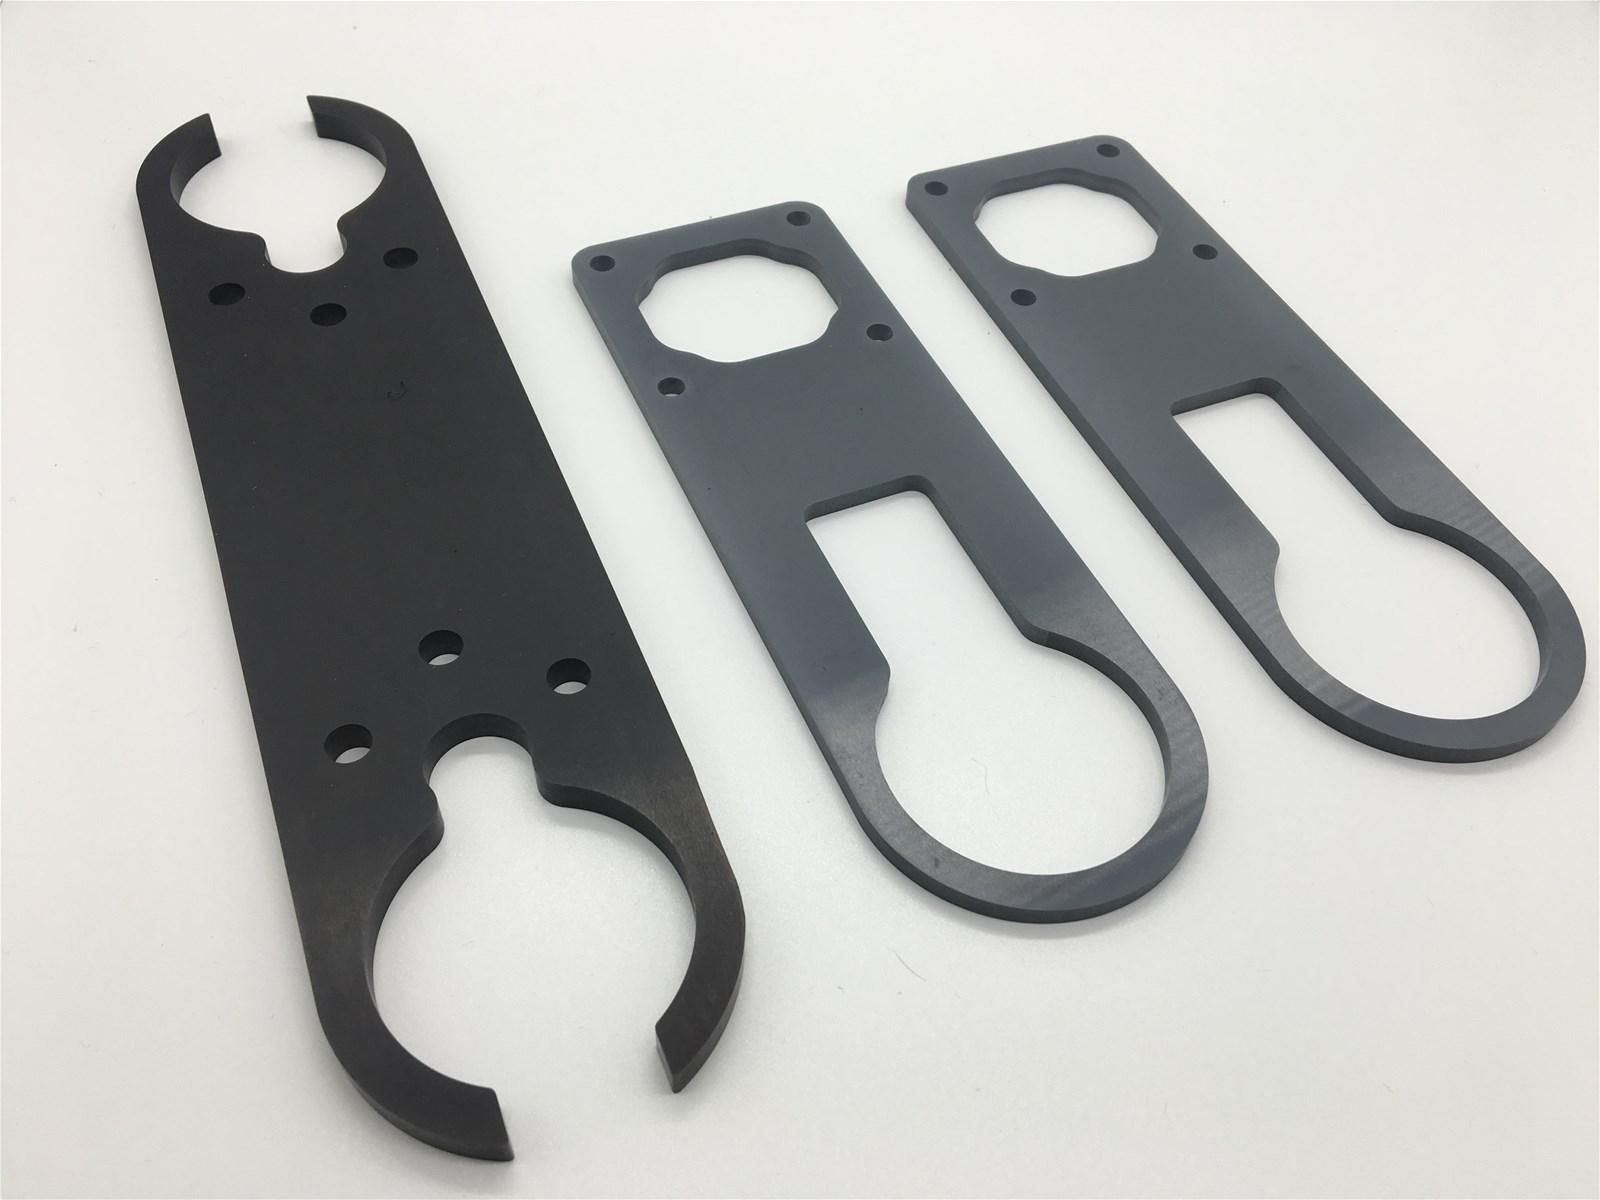 Silicon nitride ceramic structural parts